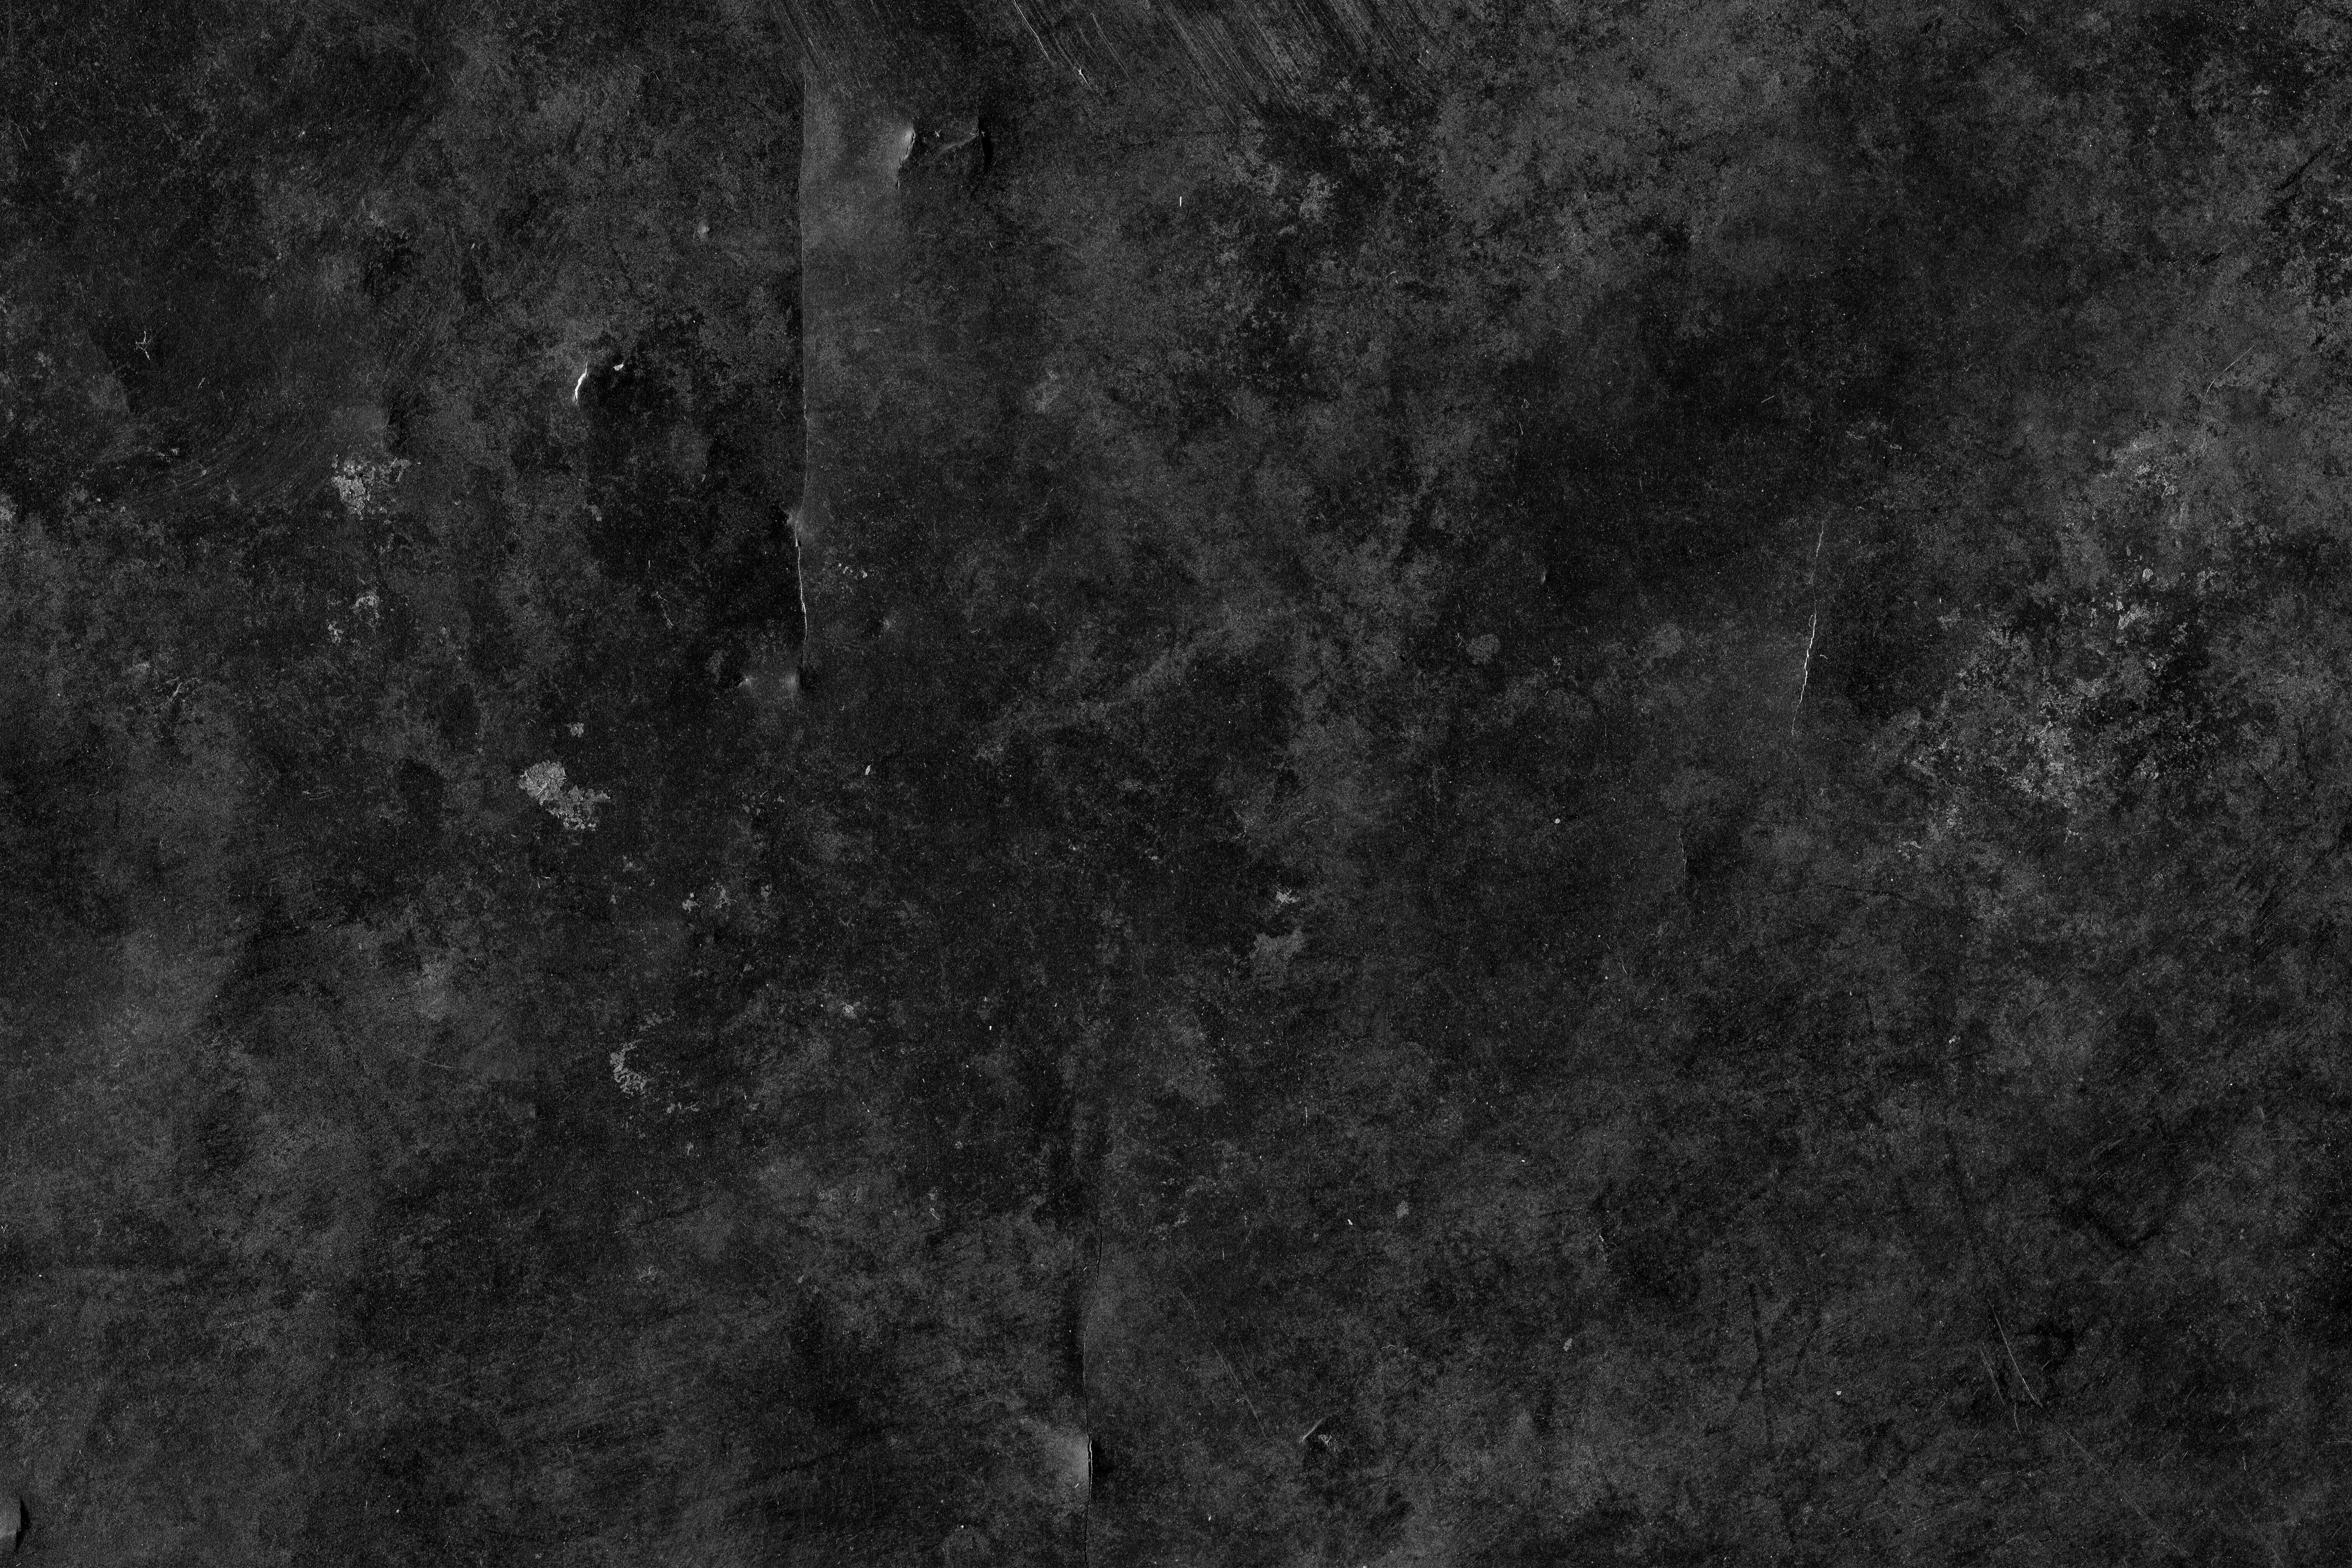 Free High Resolution Textures Gallery Dark4 Grunge Textures Texture Dark Grunge